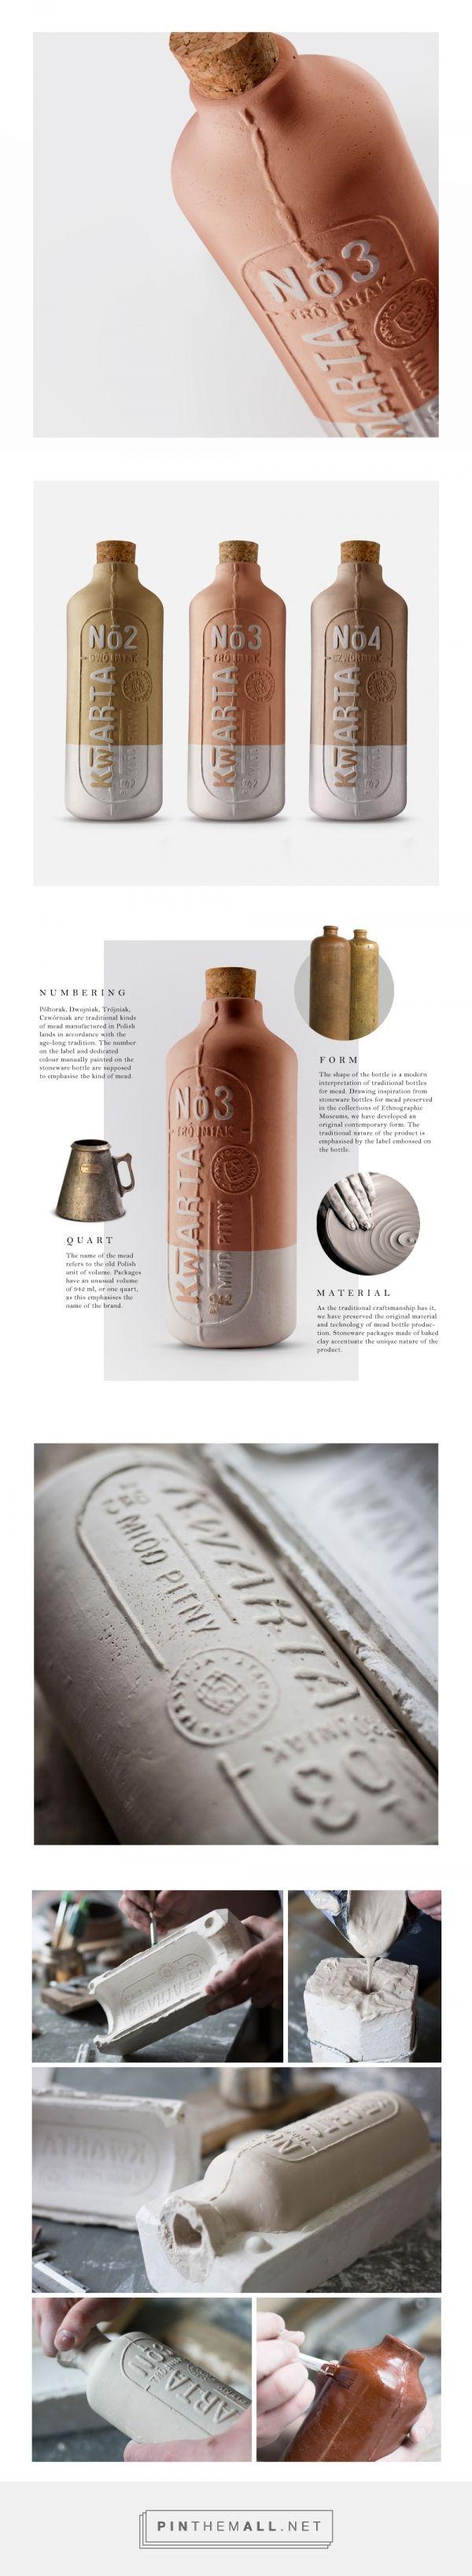 Kwarta mead packaging design by OPUS B - http://www.packagingoftheworld.com/2017/09/kwarta.html